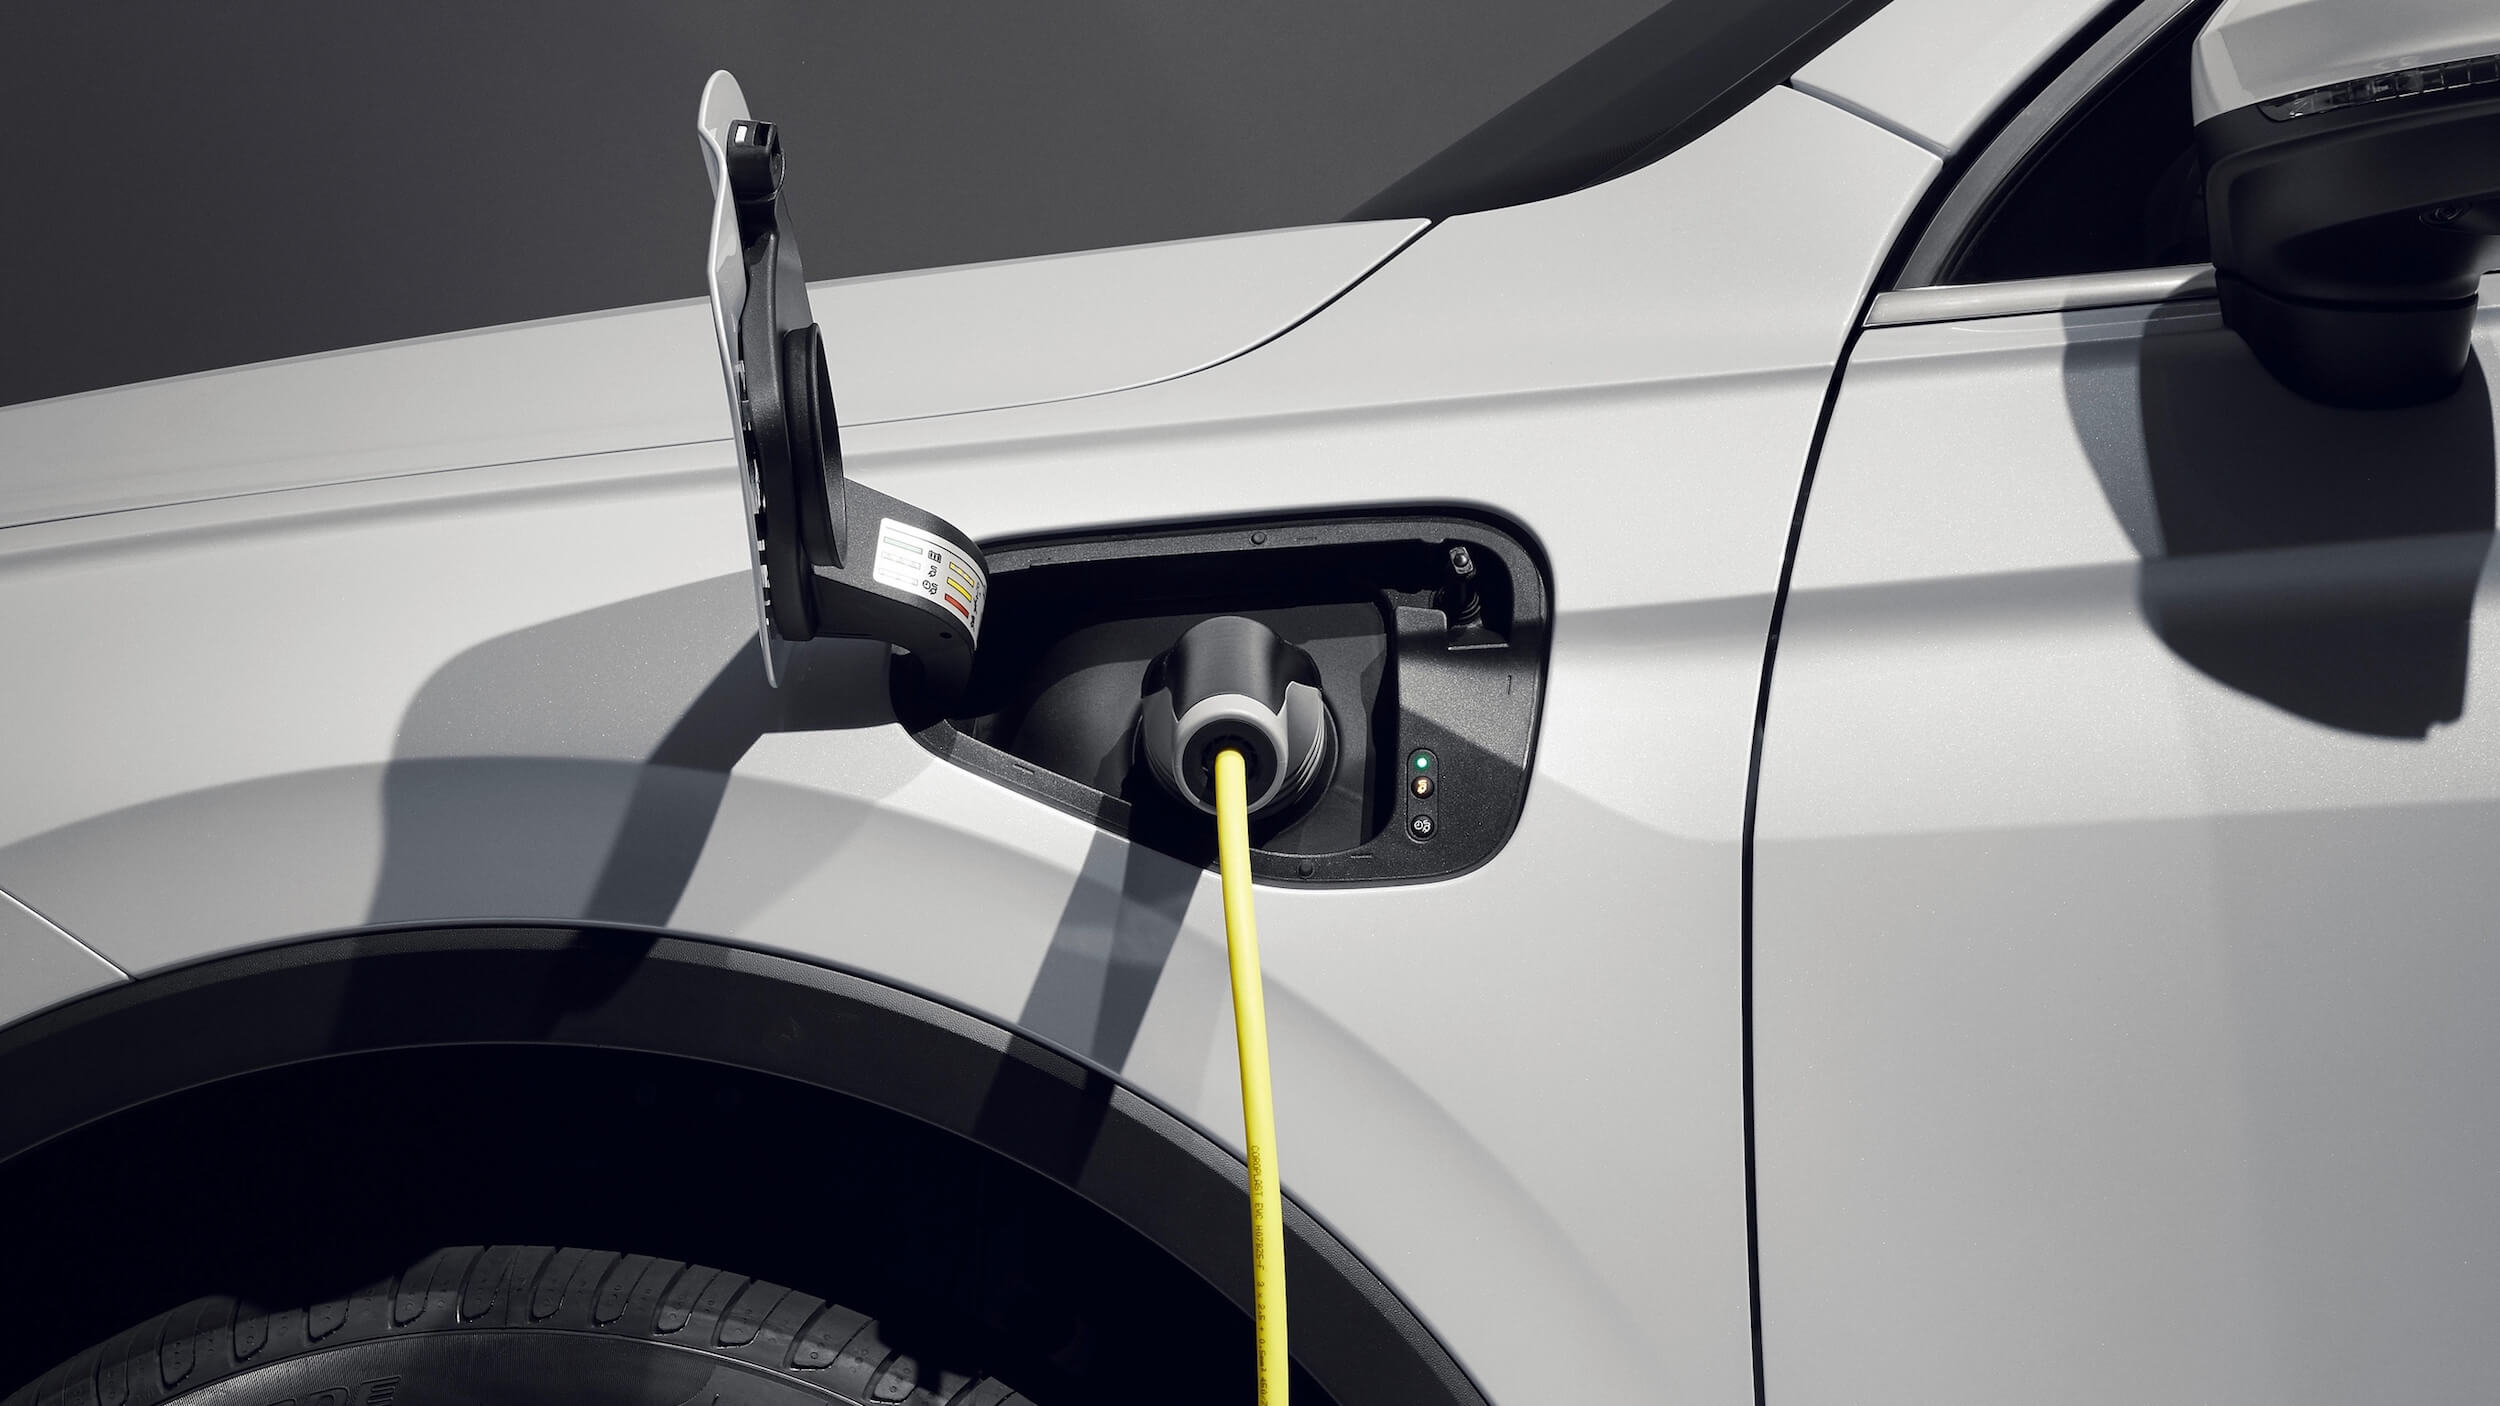 VW Tiguan eHybrid cabo de carregamento